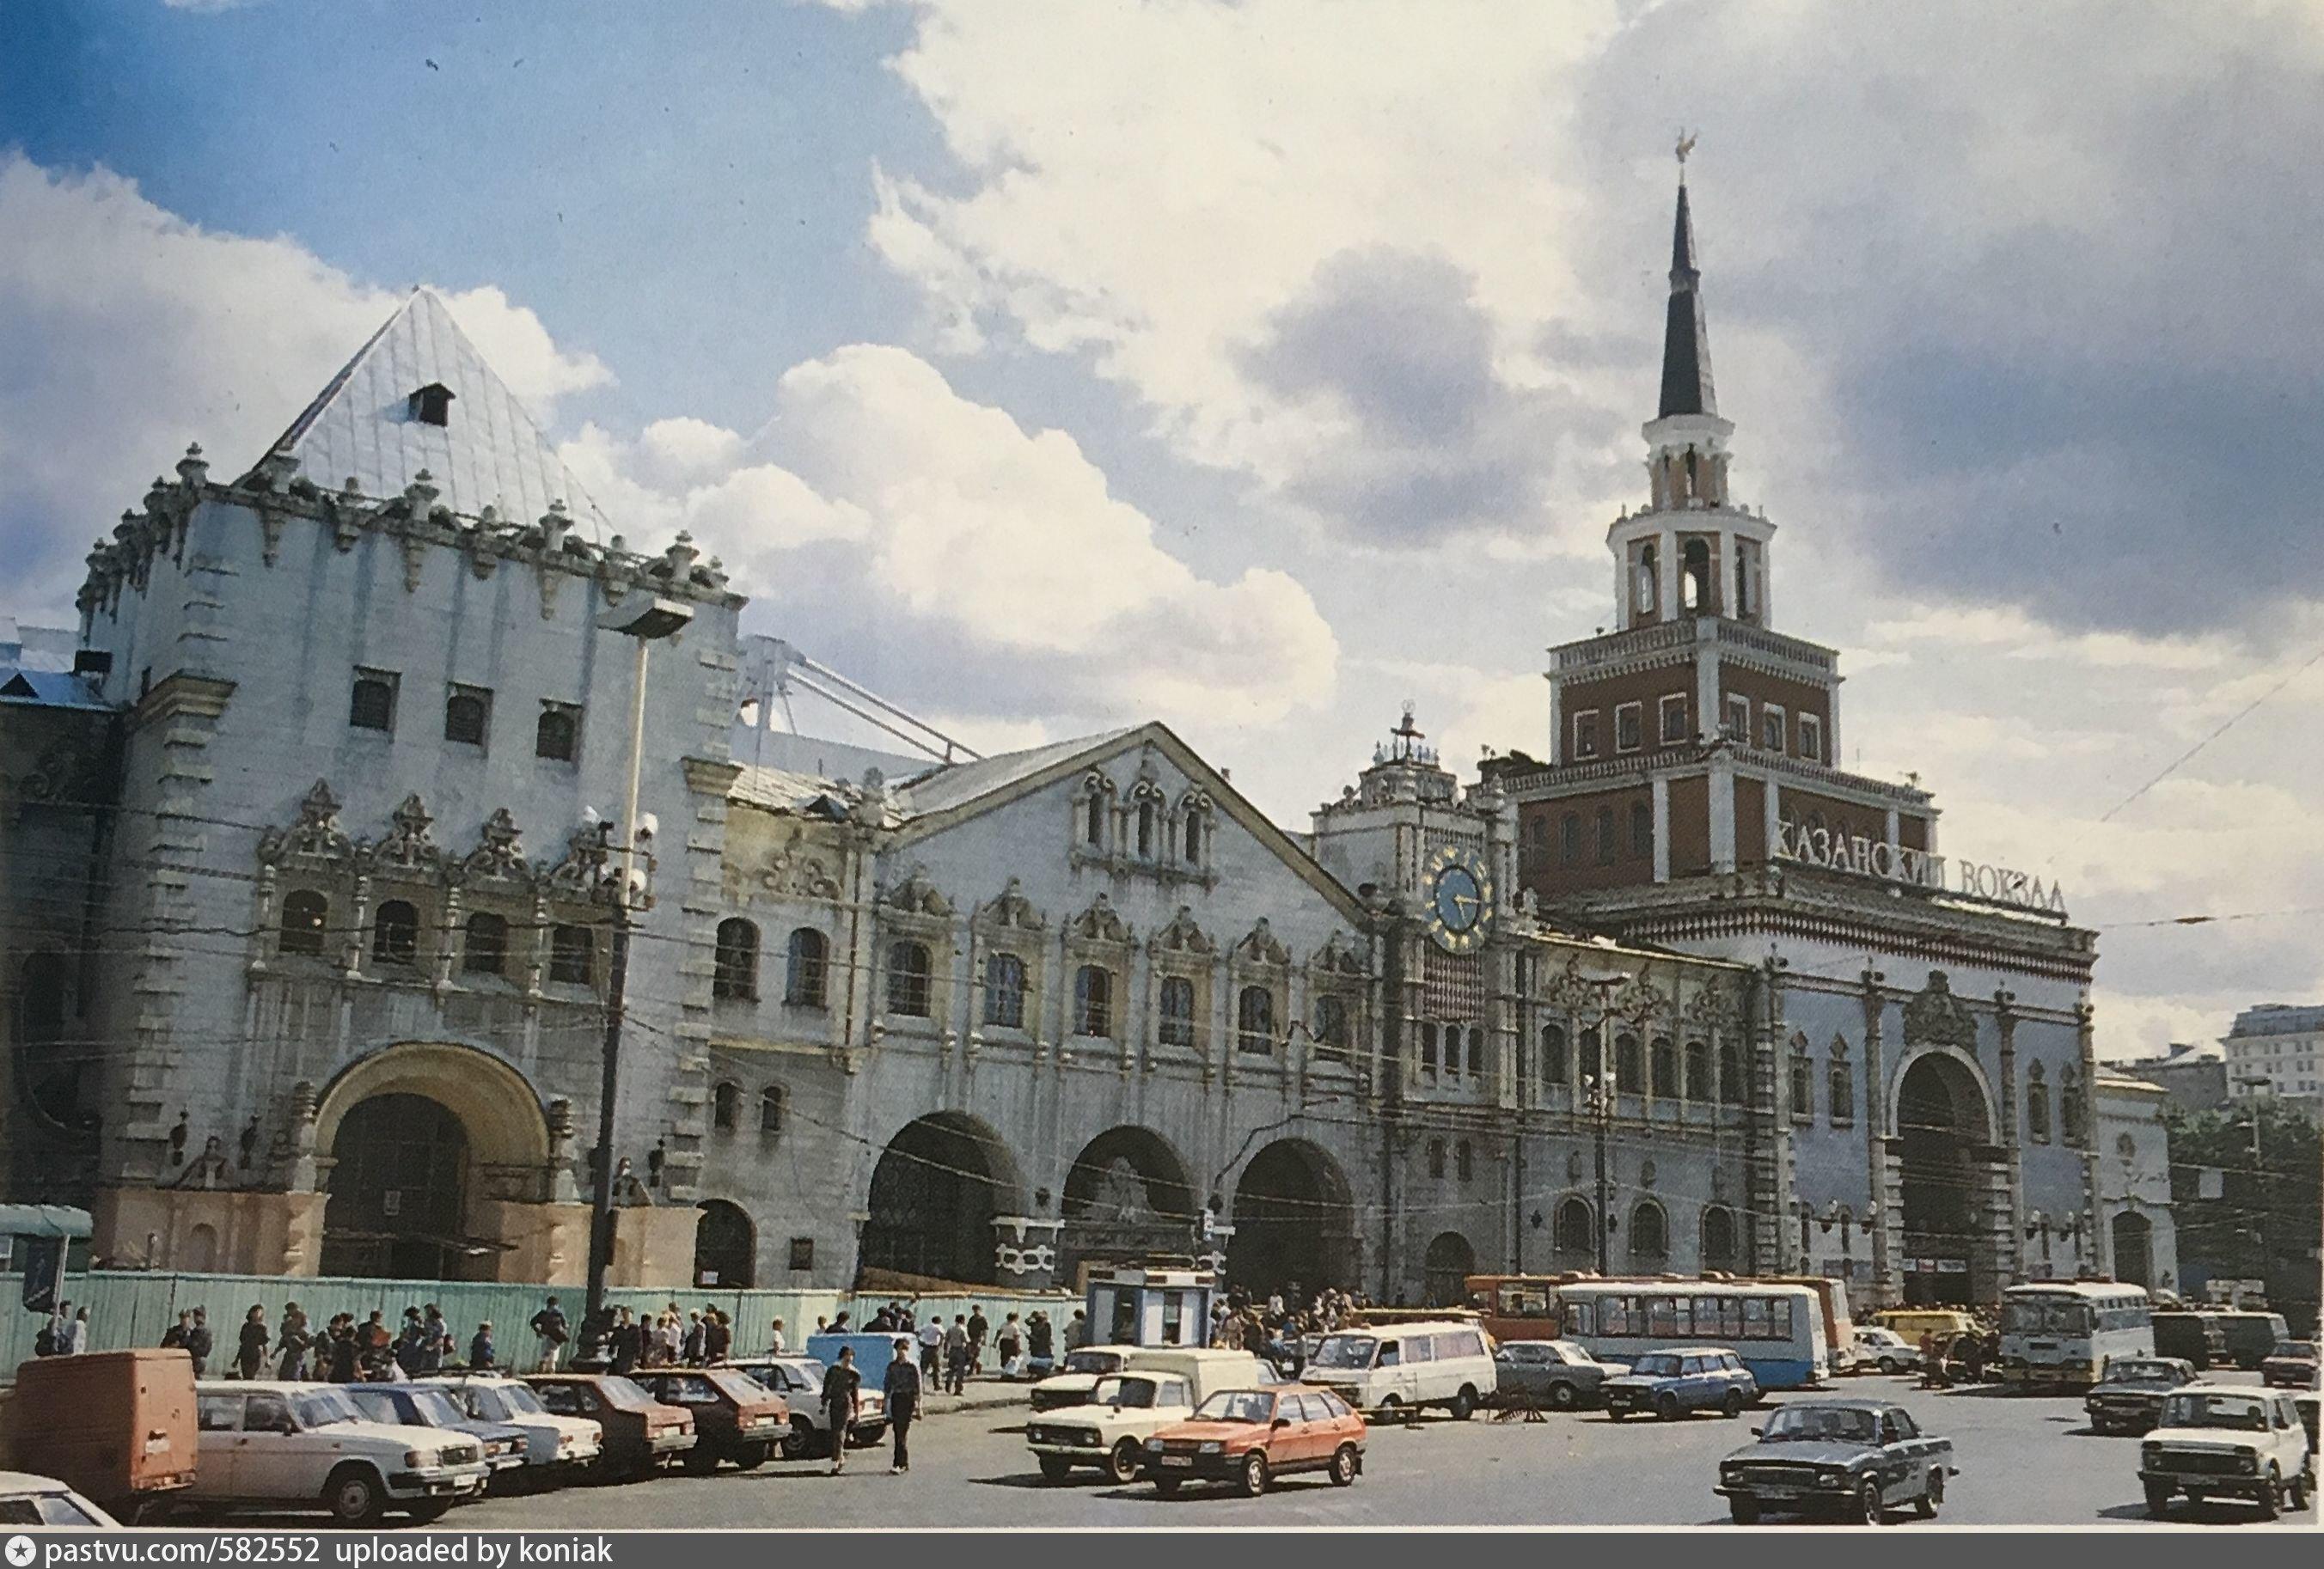 христианские святыни фотографии казанского вокзала выложить